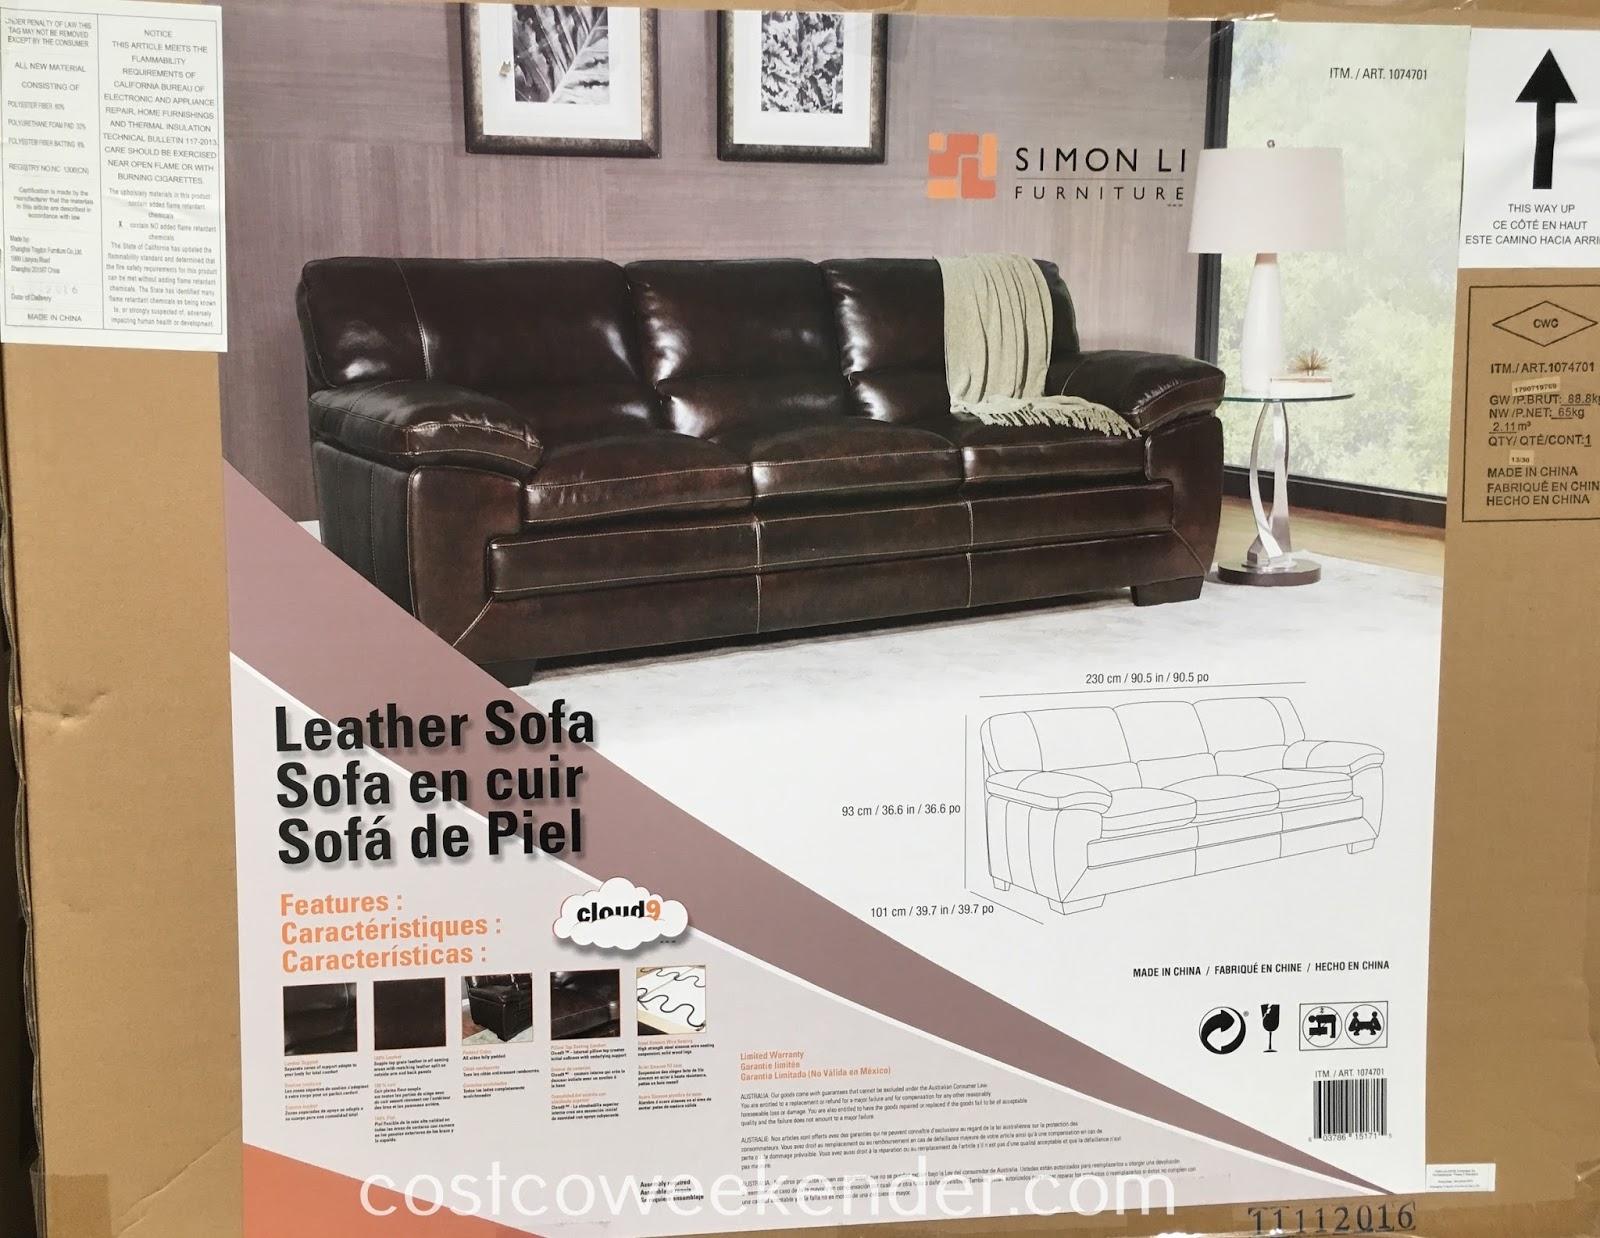 lounge around watch tv or take a power nap on the simon li leather sofa - Simon Li Furniture